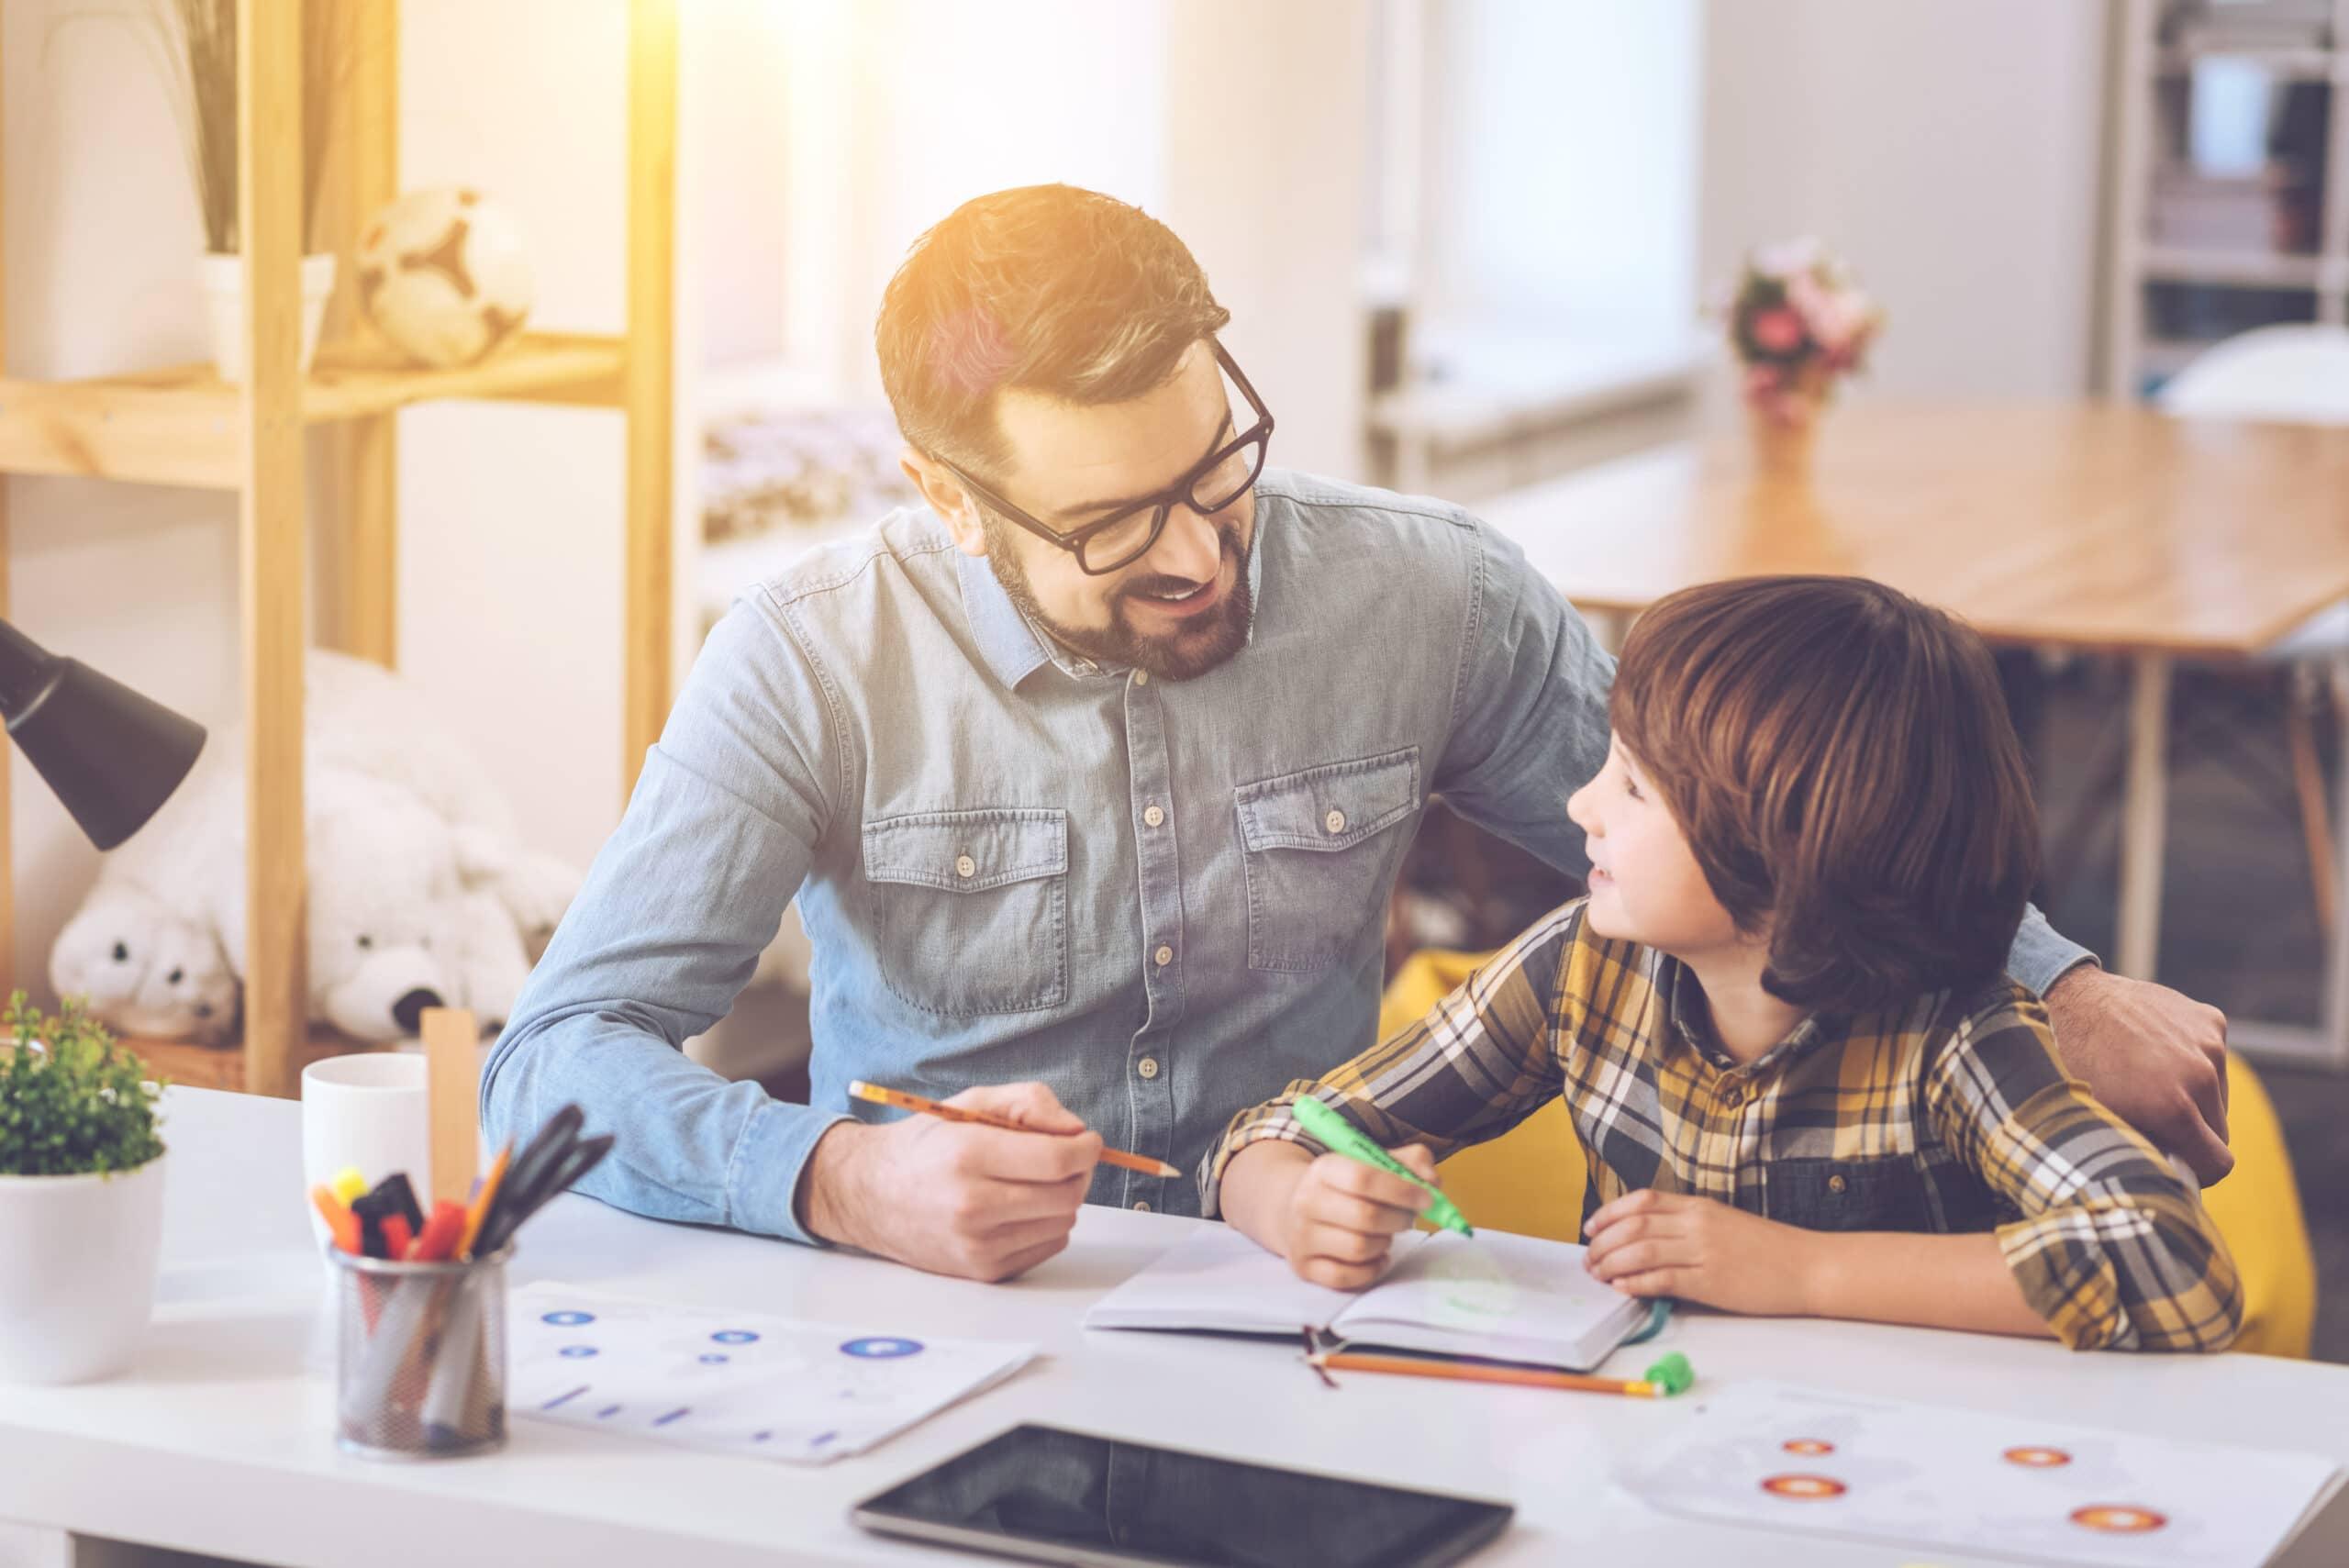 Kotitalousvähennys. Lastenhoitaja auttaa lasta koulutöissä.